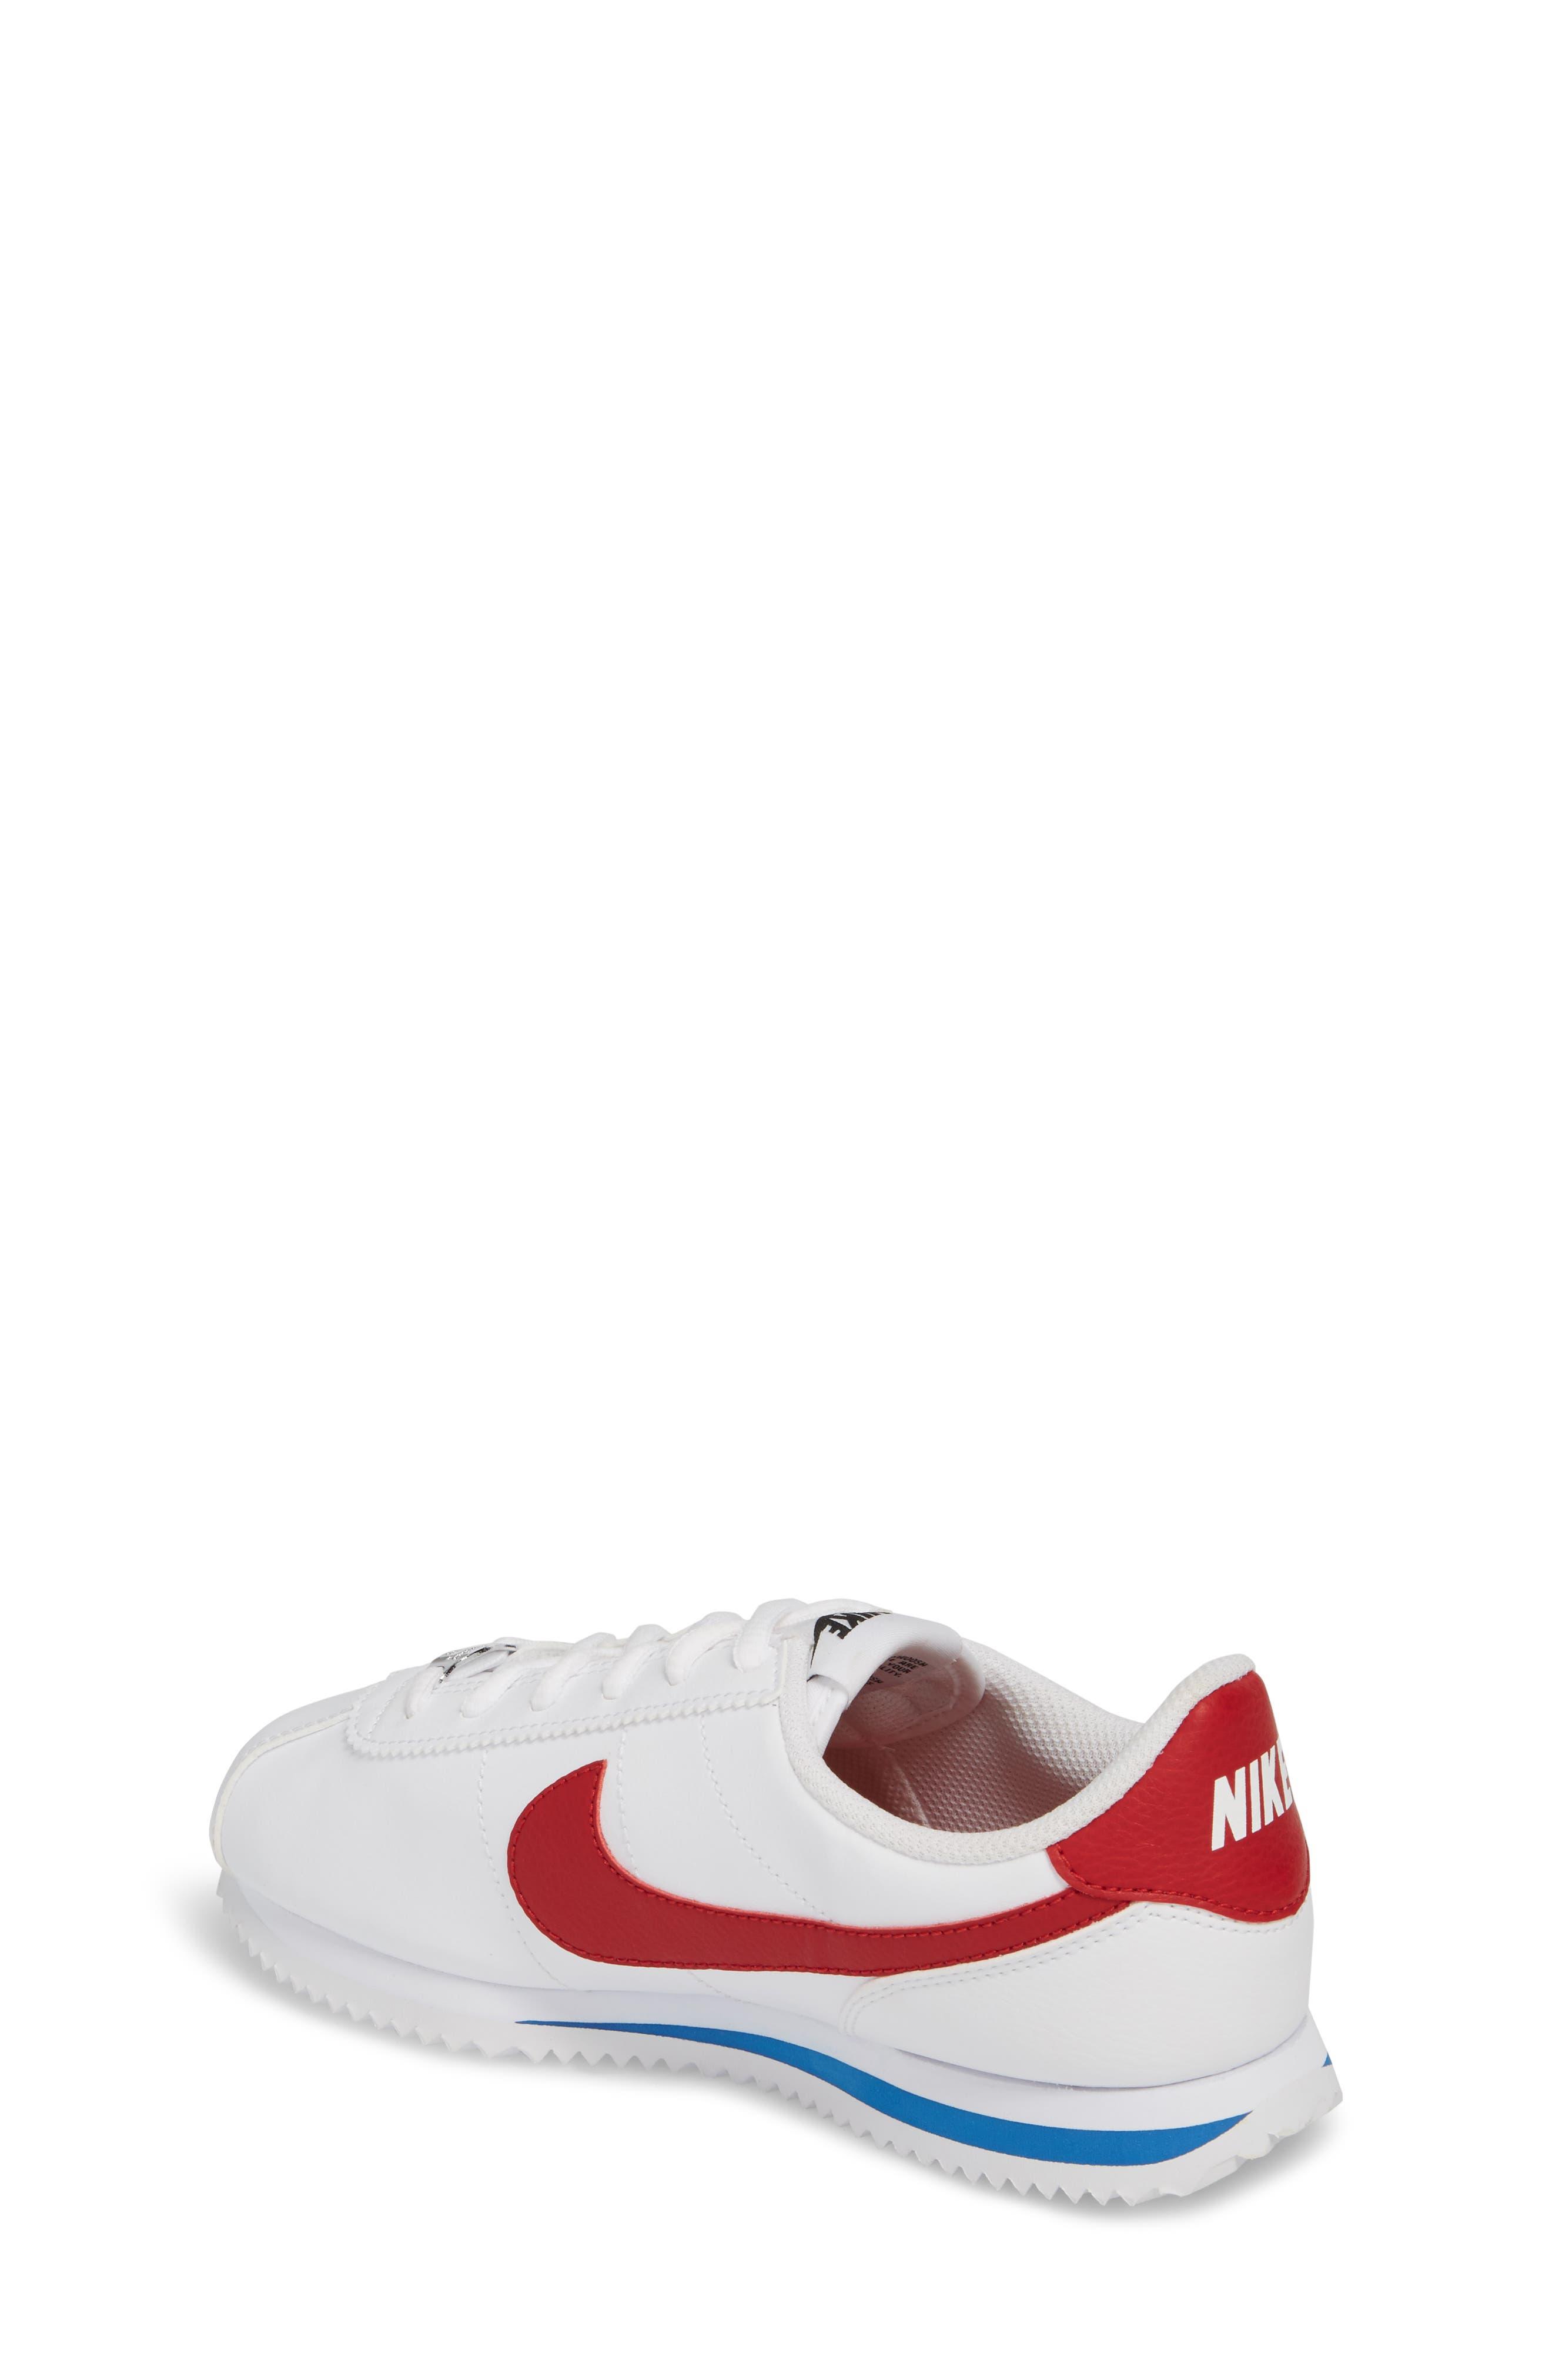 Cortez Basic SL Sneaker,                             Alternate thumbnail 2, color,                             WHITE/ VARSITY RED-ROYAL-BLACK